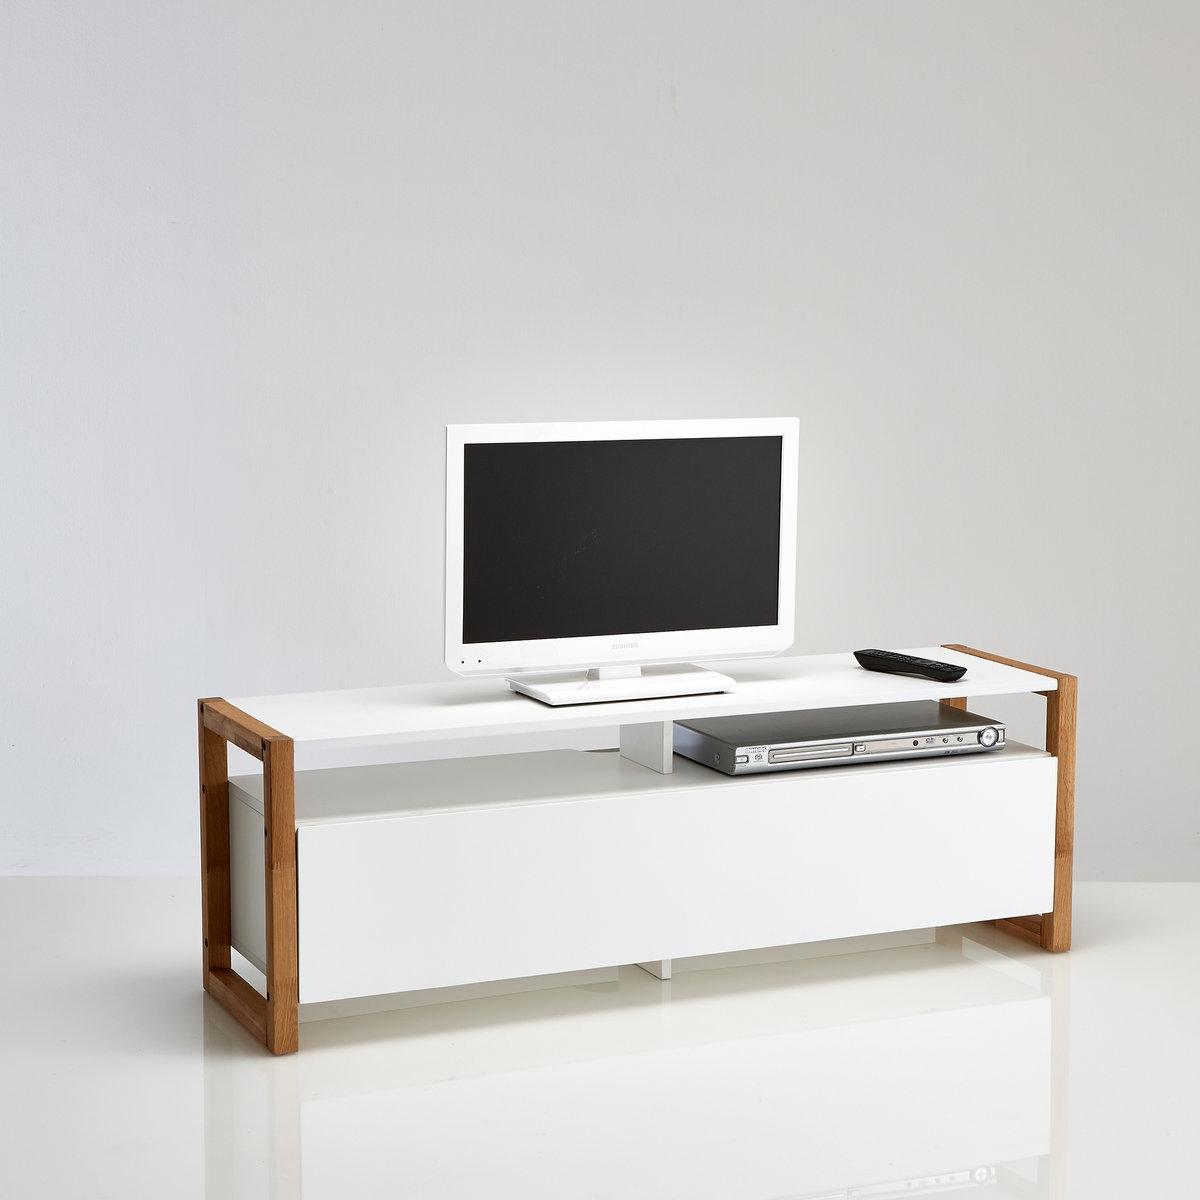 ТВ-тумба с откидной крышкой, CompoТВ-тумба с откидной крышкой, Compo. Скандинавский стиль, массив дуба и МДФ белого цвета современной ТВ-тумбы Compo сочетаются с другой мебелью коллекции.Описание ТВ-тумбы с откидной крышкой, Compo :1 откидная крышка, открывающая 2 ниши2 открытых нишиМаксимальный вес телевизора : 50 кгДля телевизоров не более 50 (127 см)Характеристики ТВ-тумбы с откидной крышкой, Compo :Ящик и дверца из МДФ с покрытием нитроцеллюлозным лакомМассив дубаОткидная крышка с металлическими петлямиОтверстия для кабелейОткройте для себя другие модели коллекции Compo на сайте laredoute.ru.Размеры ТВ-тумбы с откидной крышкой, Compo :Ширина : 120 смВысота : 40 смГлубина : 33,6 смРазмеры маленьких ниш : Шир. 55 x Выс. 9,9 x Гл. 31,3 смРазмеры больших ниш : Шир. 55 x Выс. 219,4 x Гл. 31,3 смРазмер и вес с упаковкой :1 упаковкаШир. 124 x Выс. 14,5 x Гл. 42,5 см23,7 кгДоставка :ТВ-тумба с откидной крышкой Compo продается в разобранном виде. Внимание ! Убедитесь, что посылку возможно доставить на дом, учитывая ее габариты.<br><br>Цвет: белый